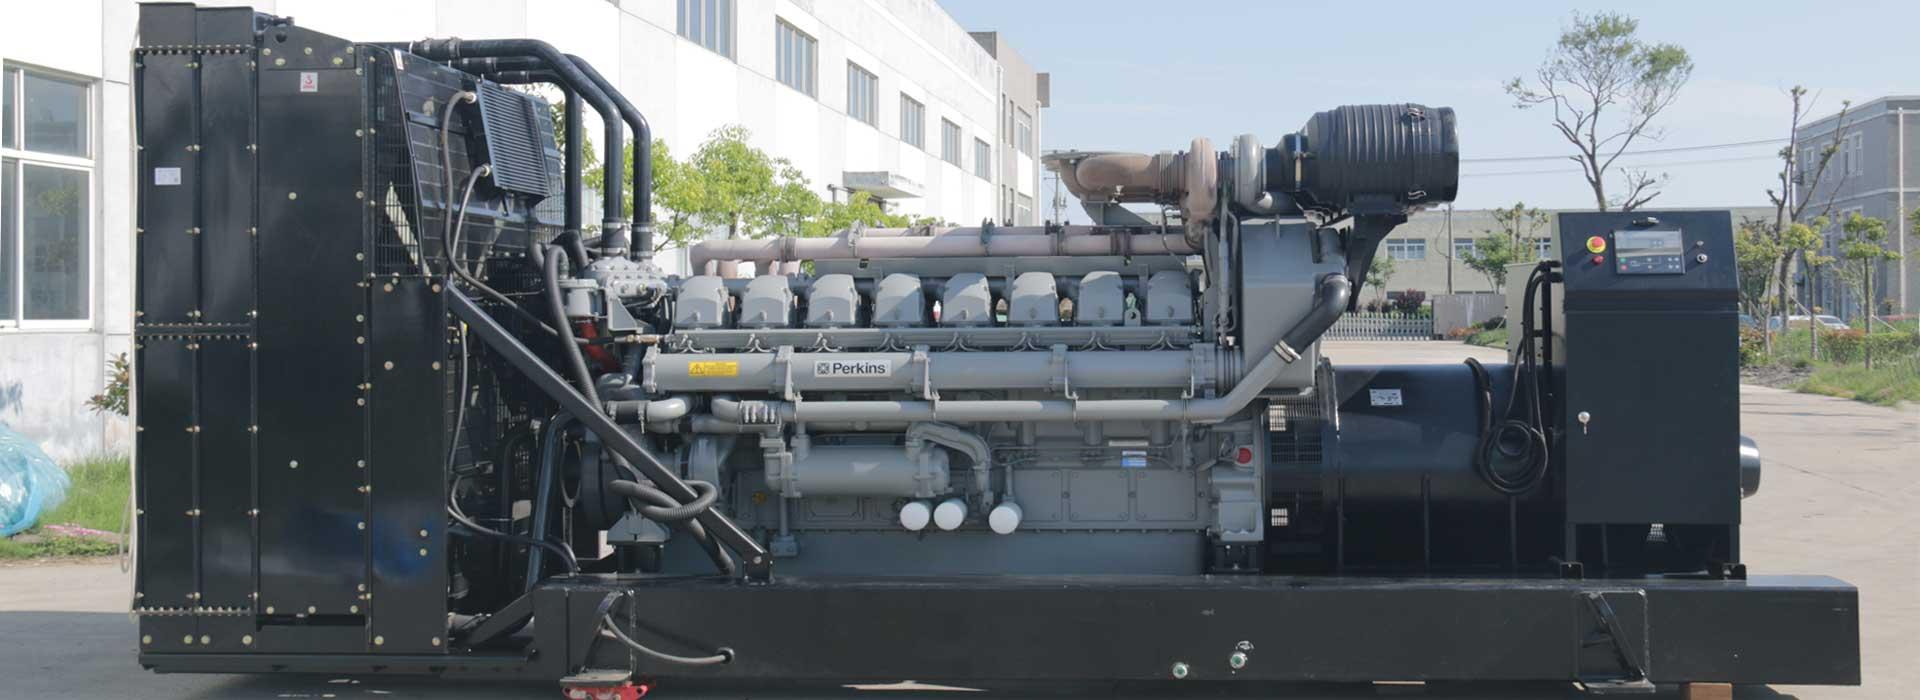 Perkins Diesel Generator-